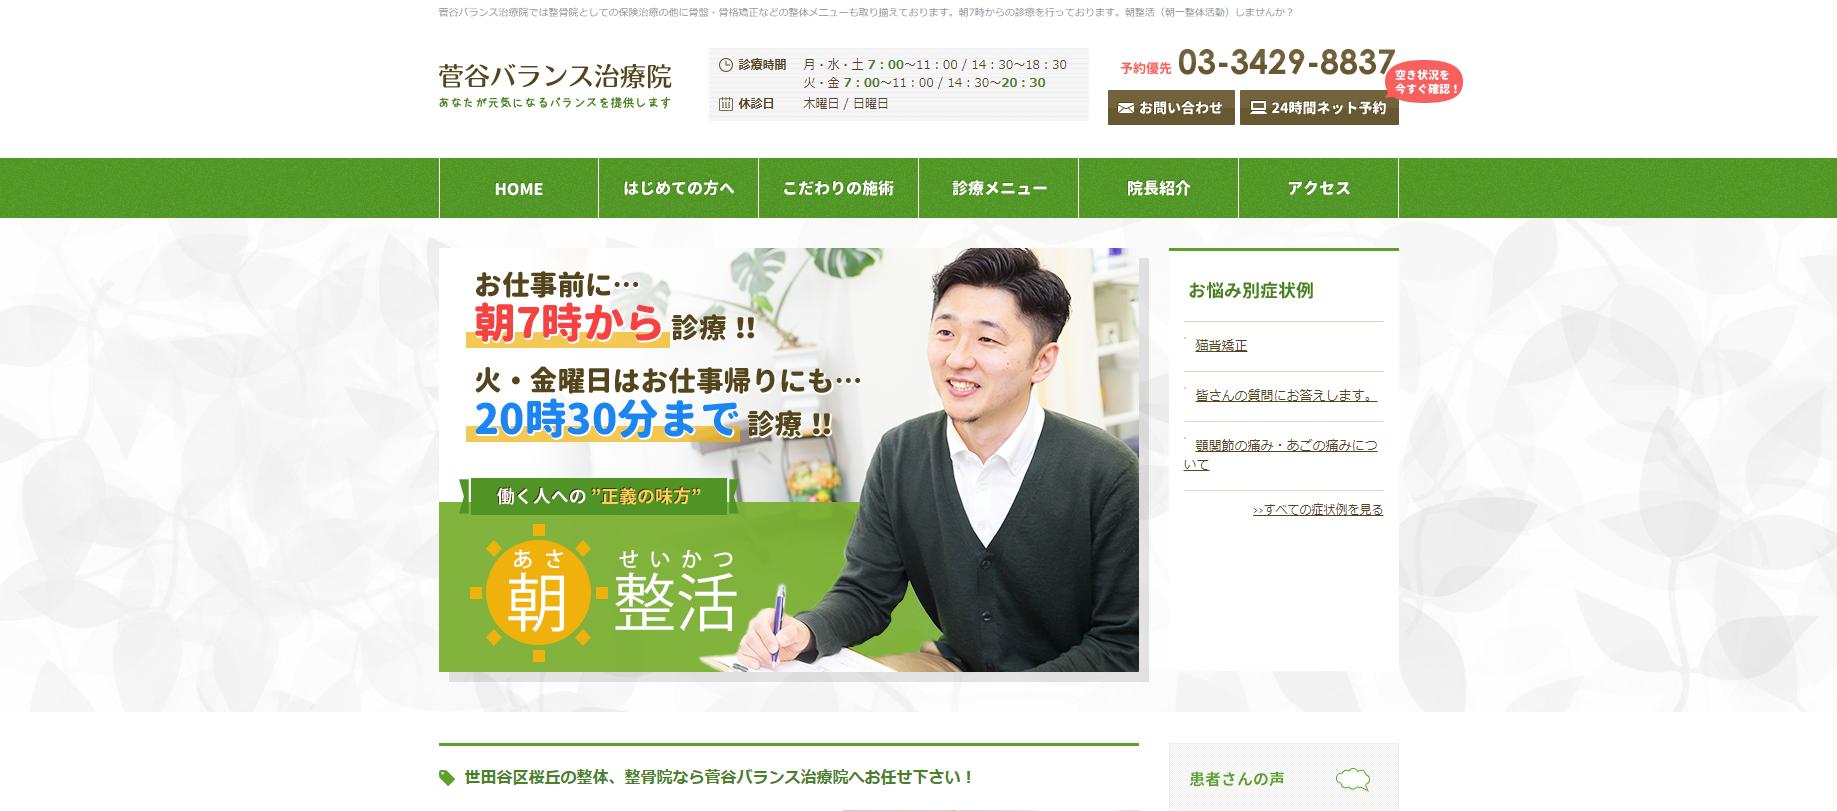 菅谷バランス治療院のサムネイル